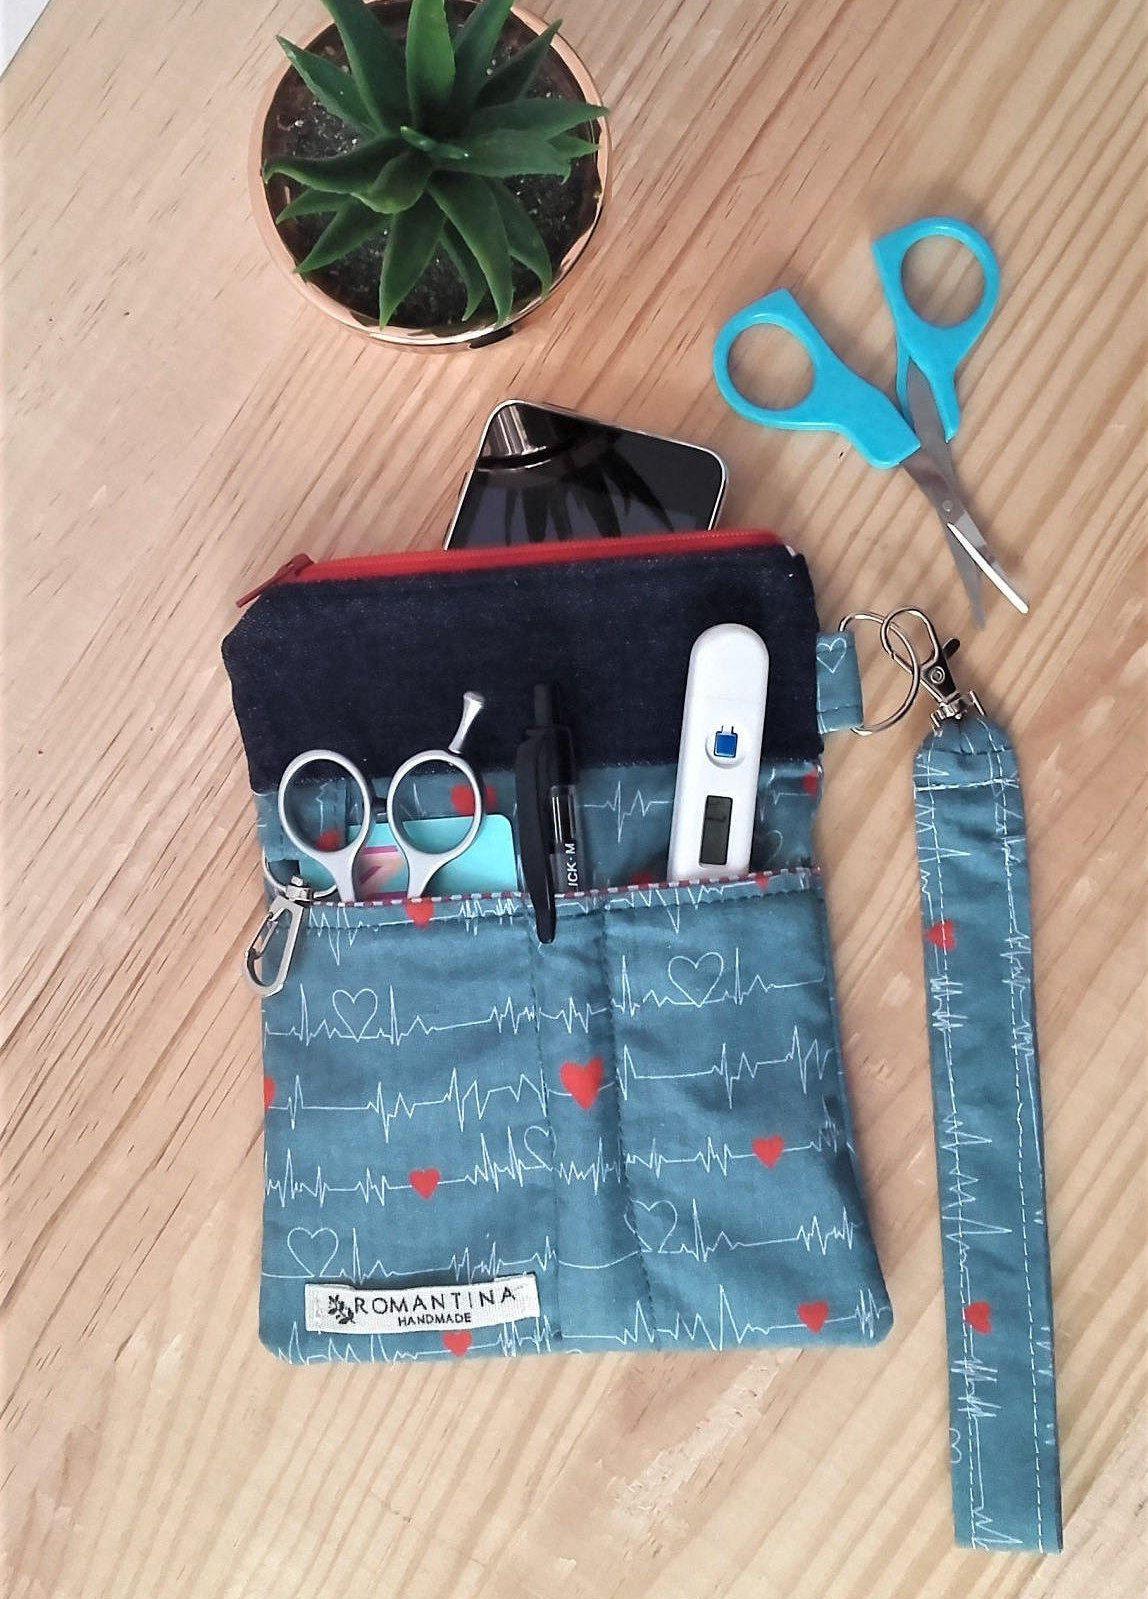 Pocket Nurse Tool Bag Fanny Pack Gifts Pouch Tas Kit Quiero Compartir Lo Ltimo Que He Aadido A Mi Tienda De Etsy Available